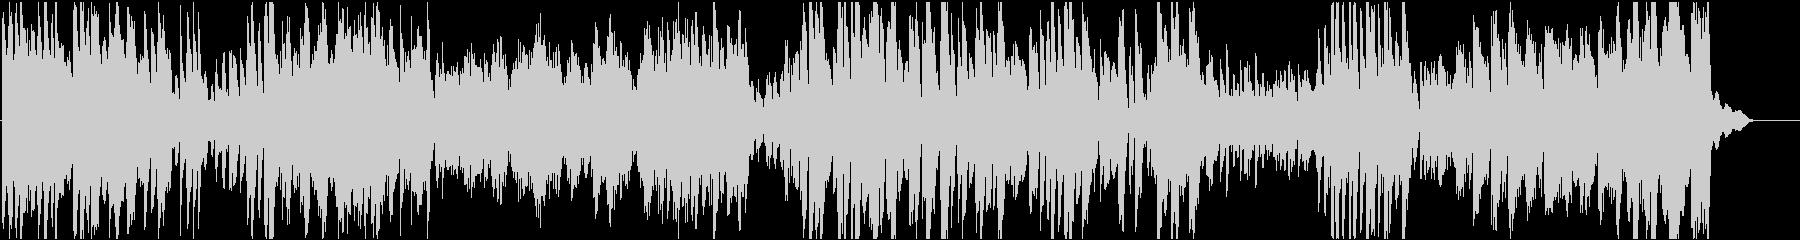 ピアノ名曲バルトーク 疾走感溢れる激しさの未再生の波形